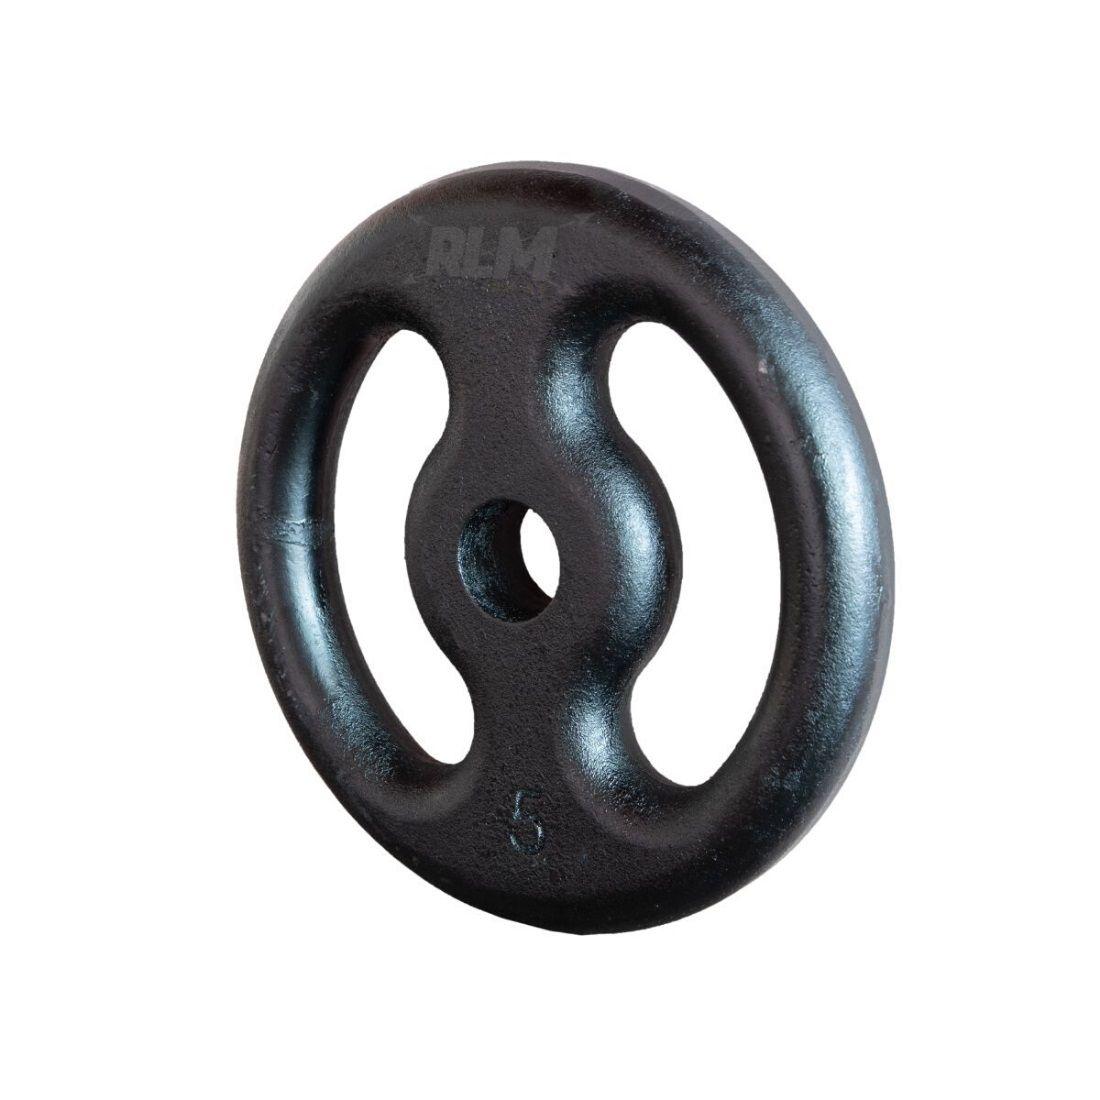 Anilha de Ferro Fundido Pintada - 5 Kg